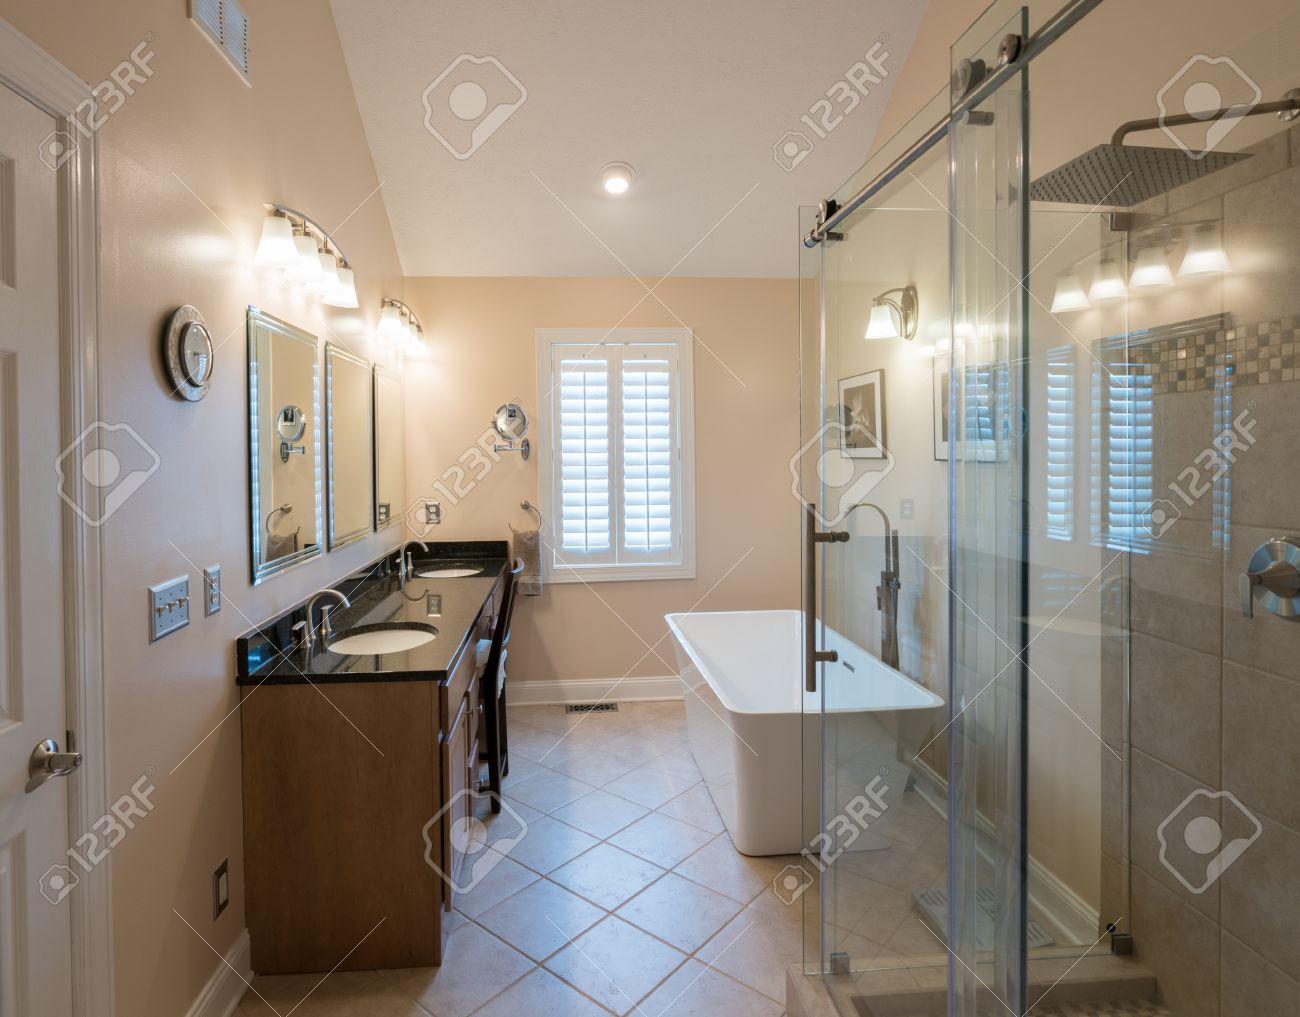 interno del bagno moderno con vasca standalone, cabina doccia e ... - Bagni Moderni Con Vasca E Doccia